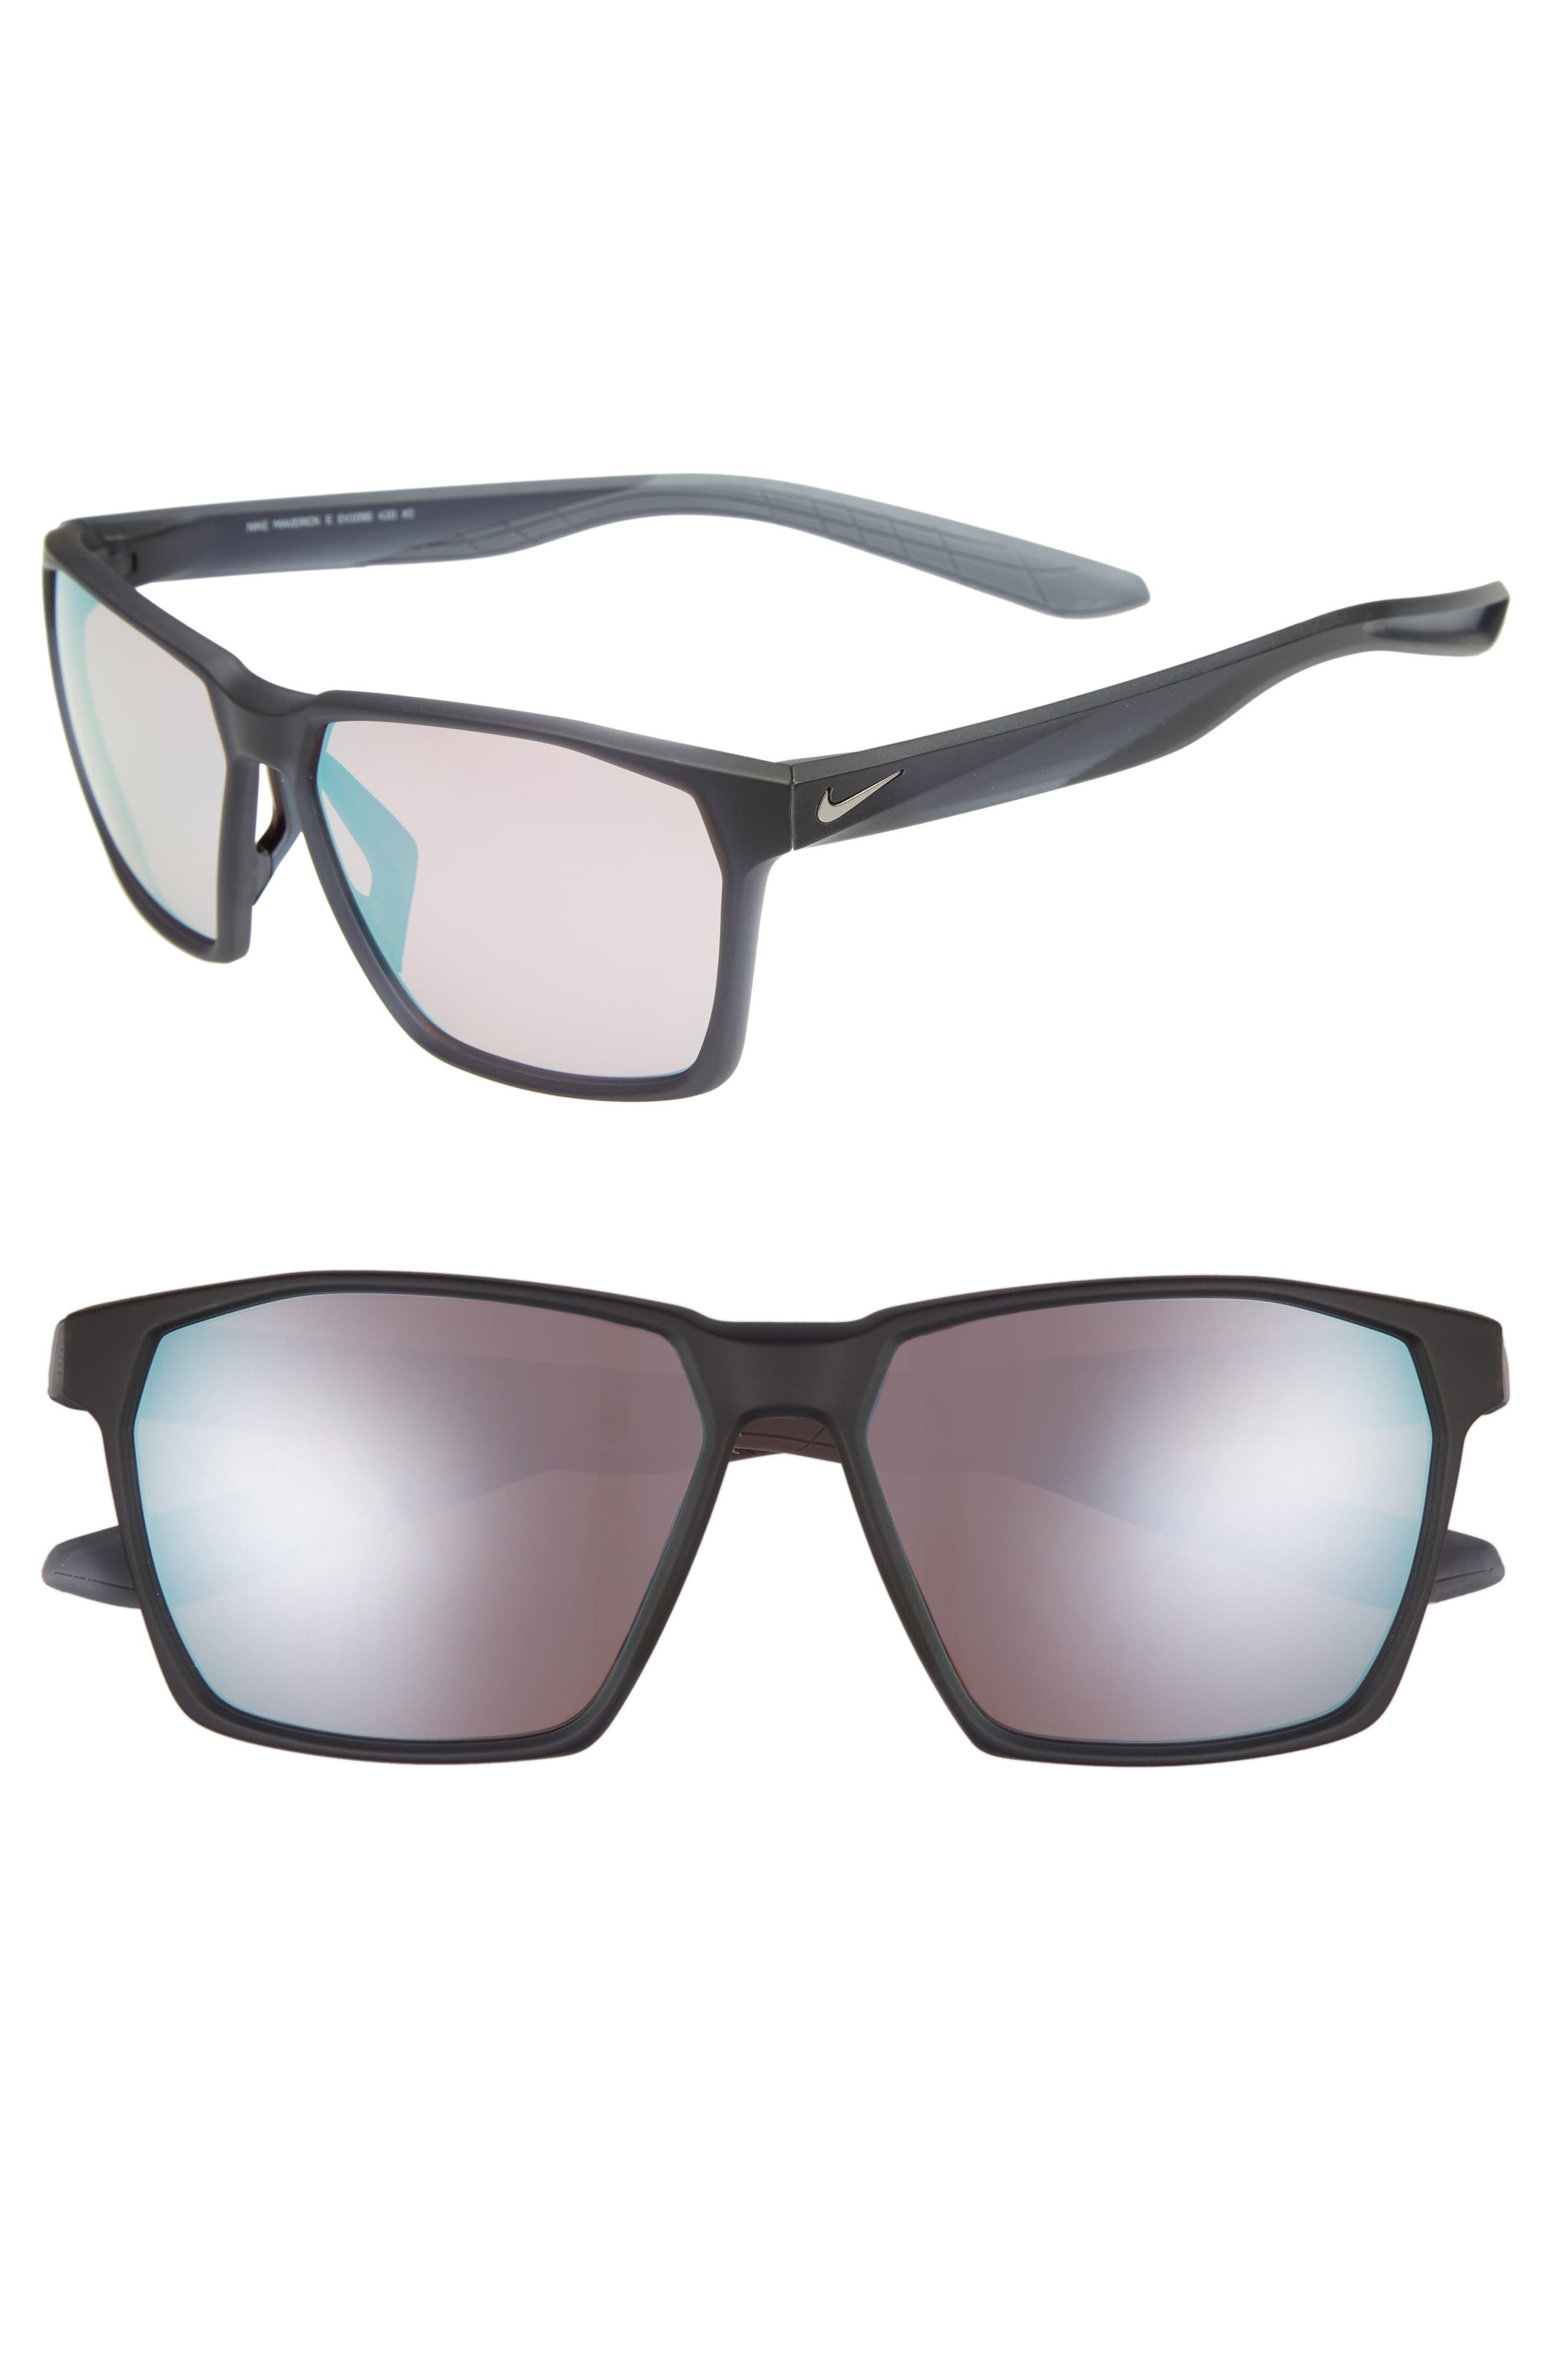 Nike Maverick 5m Sunglasses - Matte Thunder Blue/ Milky Blue